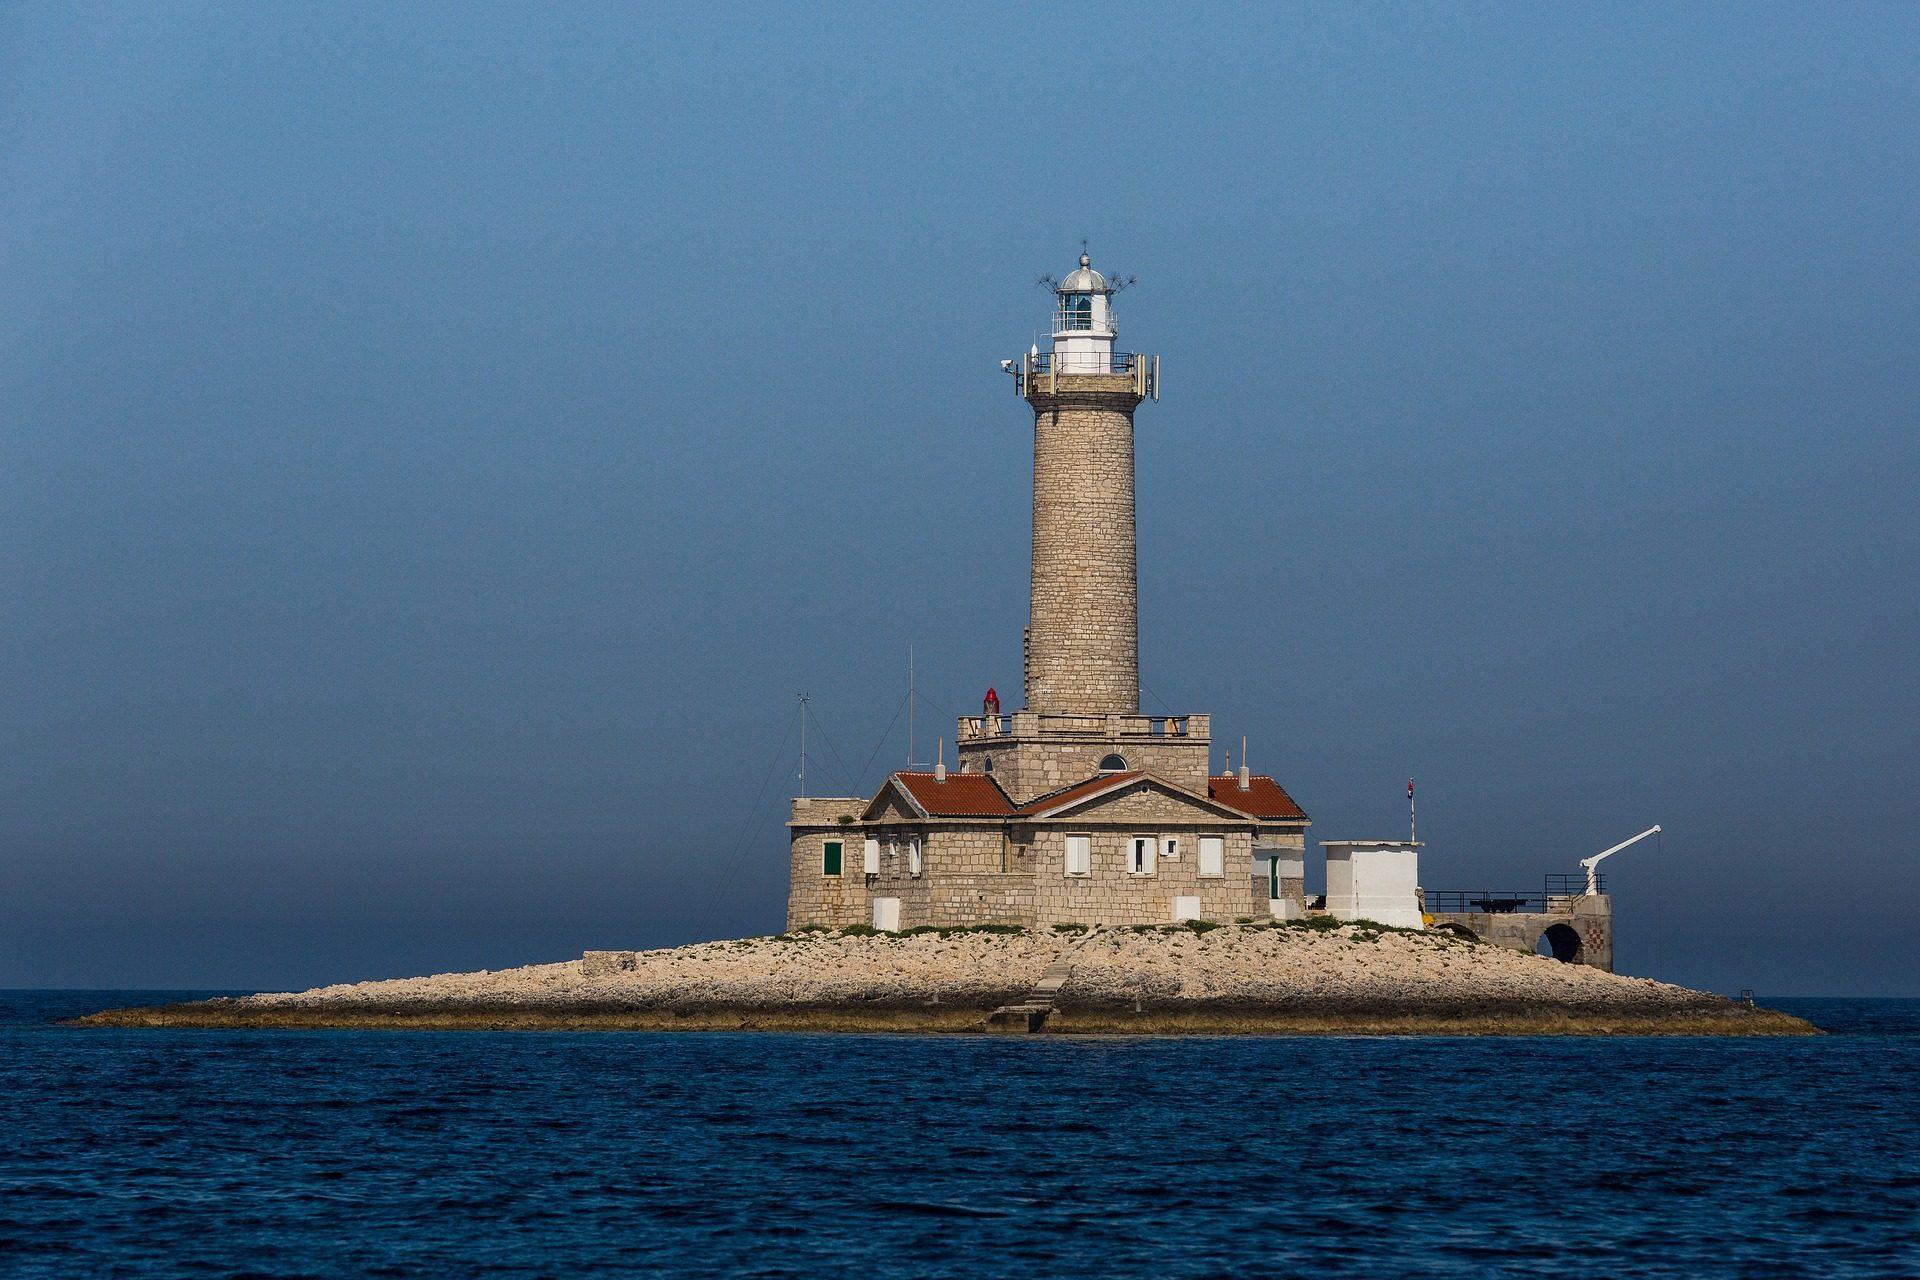 Faro, Isola, Mare, isolotto, Torre - Sfondi HD - Professor-falken.com